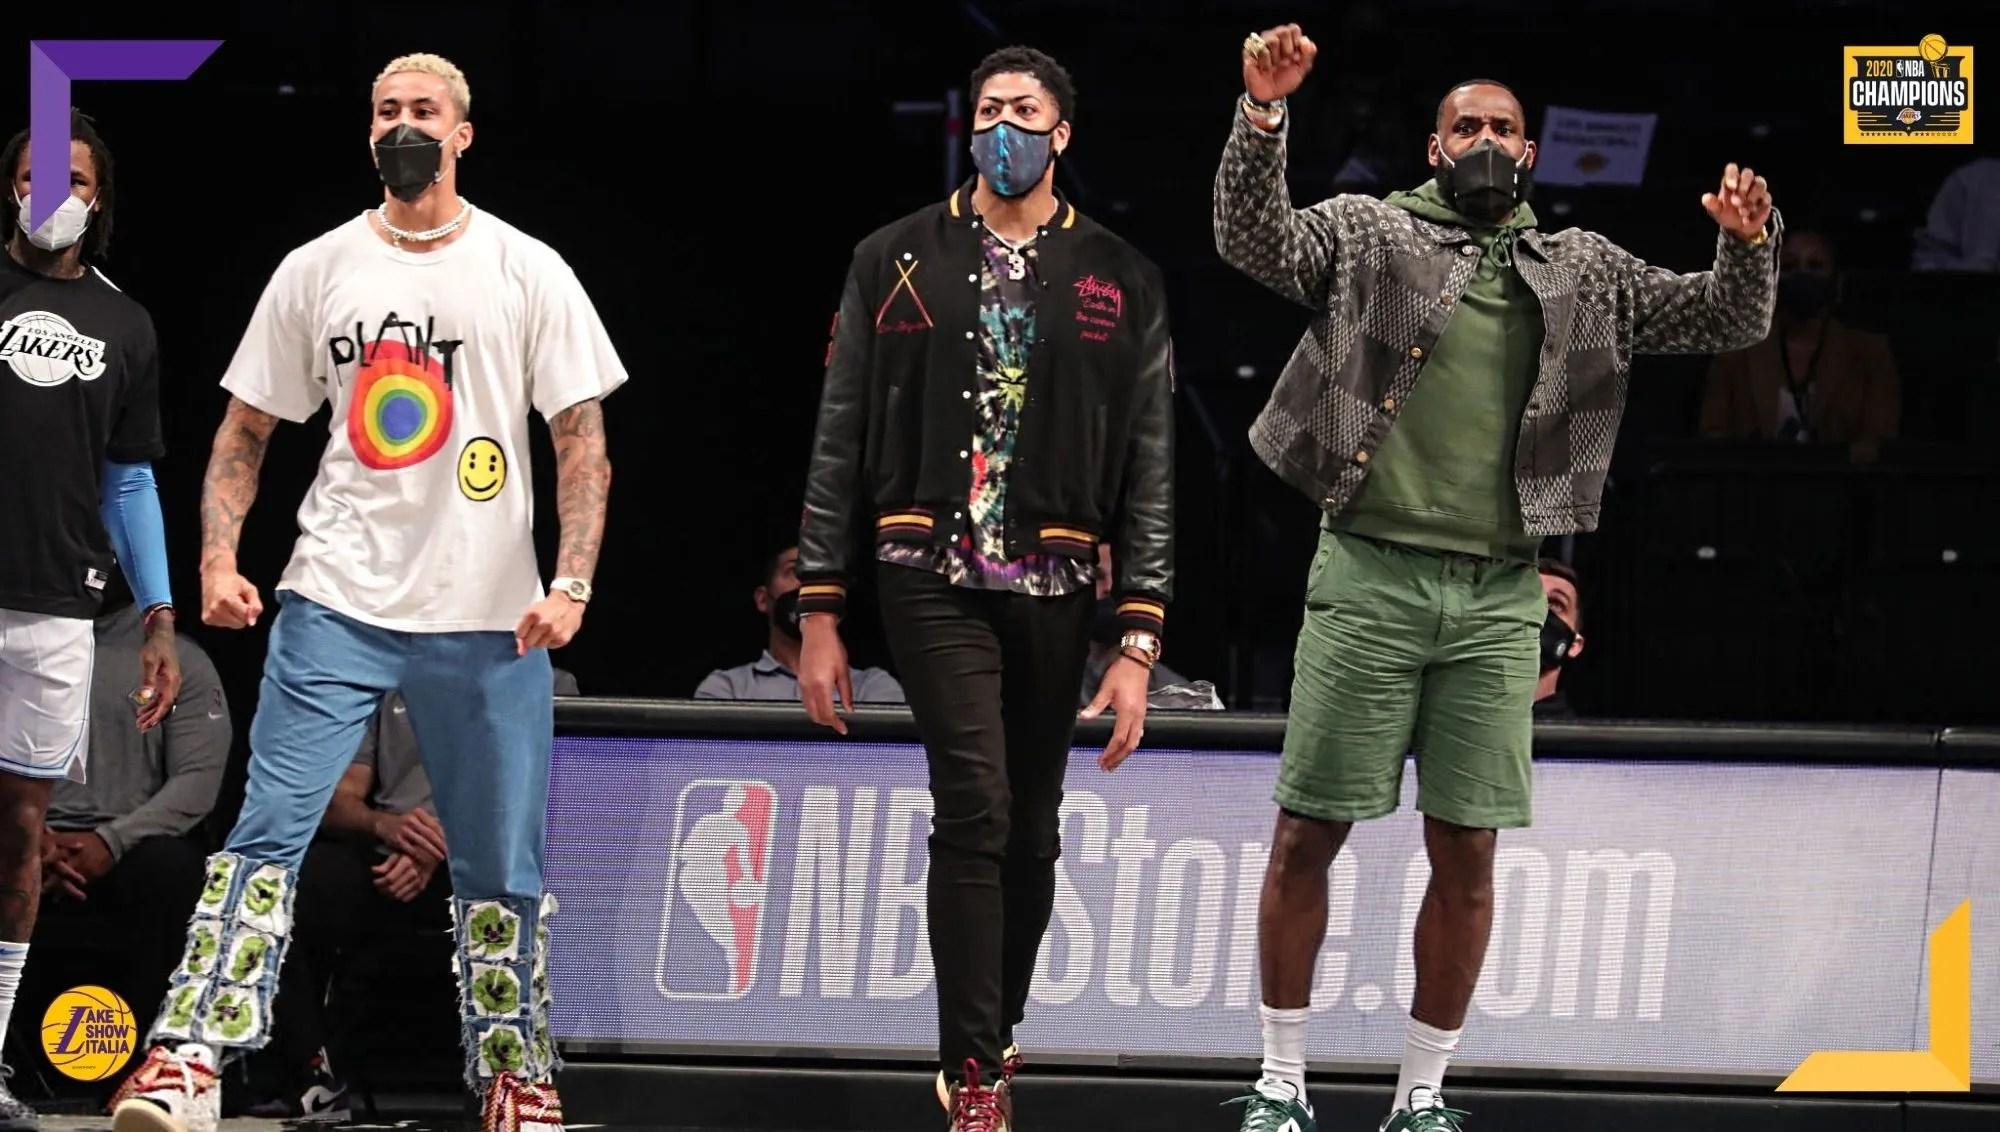 Trepidazione in casa Los Angeles Lakers: secondo Adrian Wojnarowski di ESPN, Anthony Davis e LeBron James sono vicini al rientro in campo.